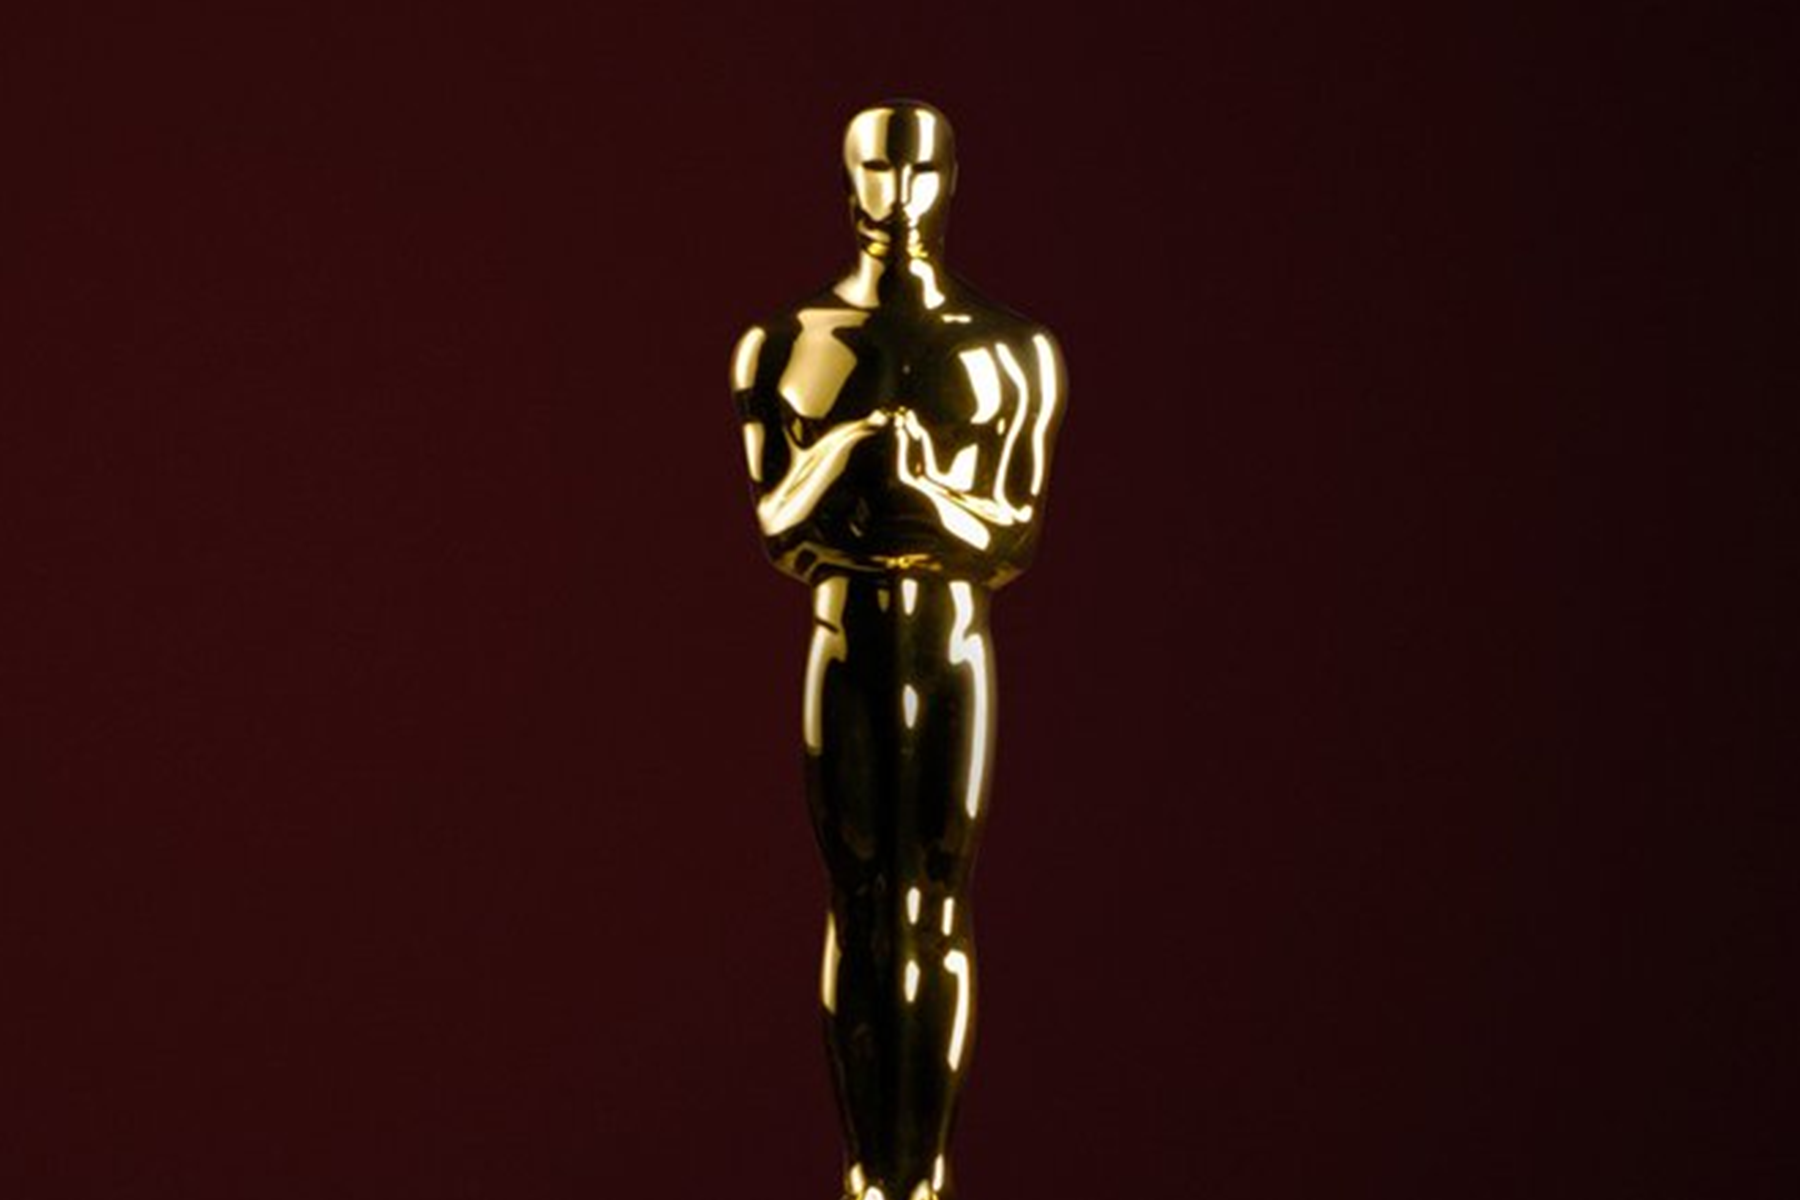 Oscar 2020: Stories Behind The Winning Short Filmmakers